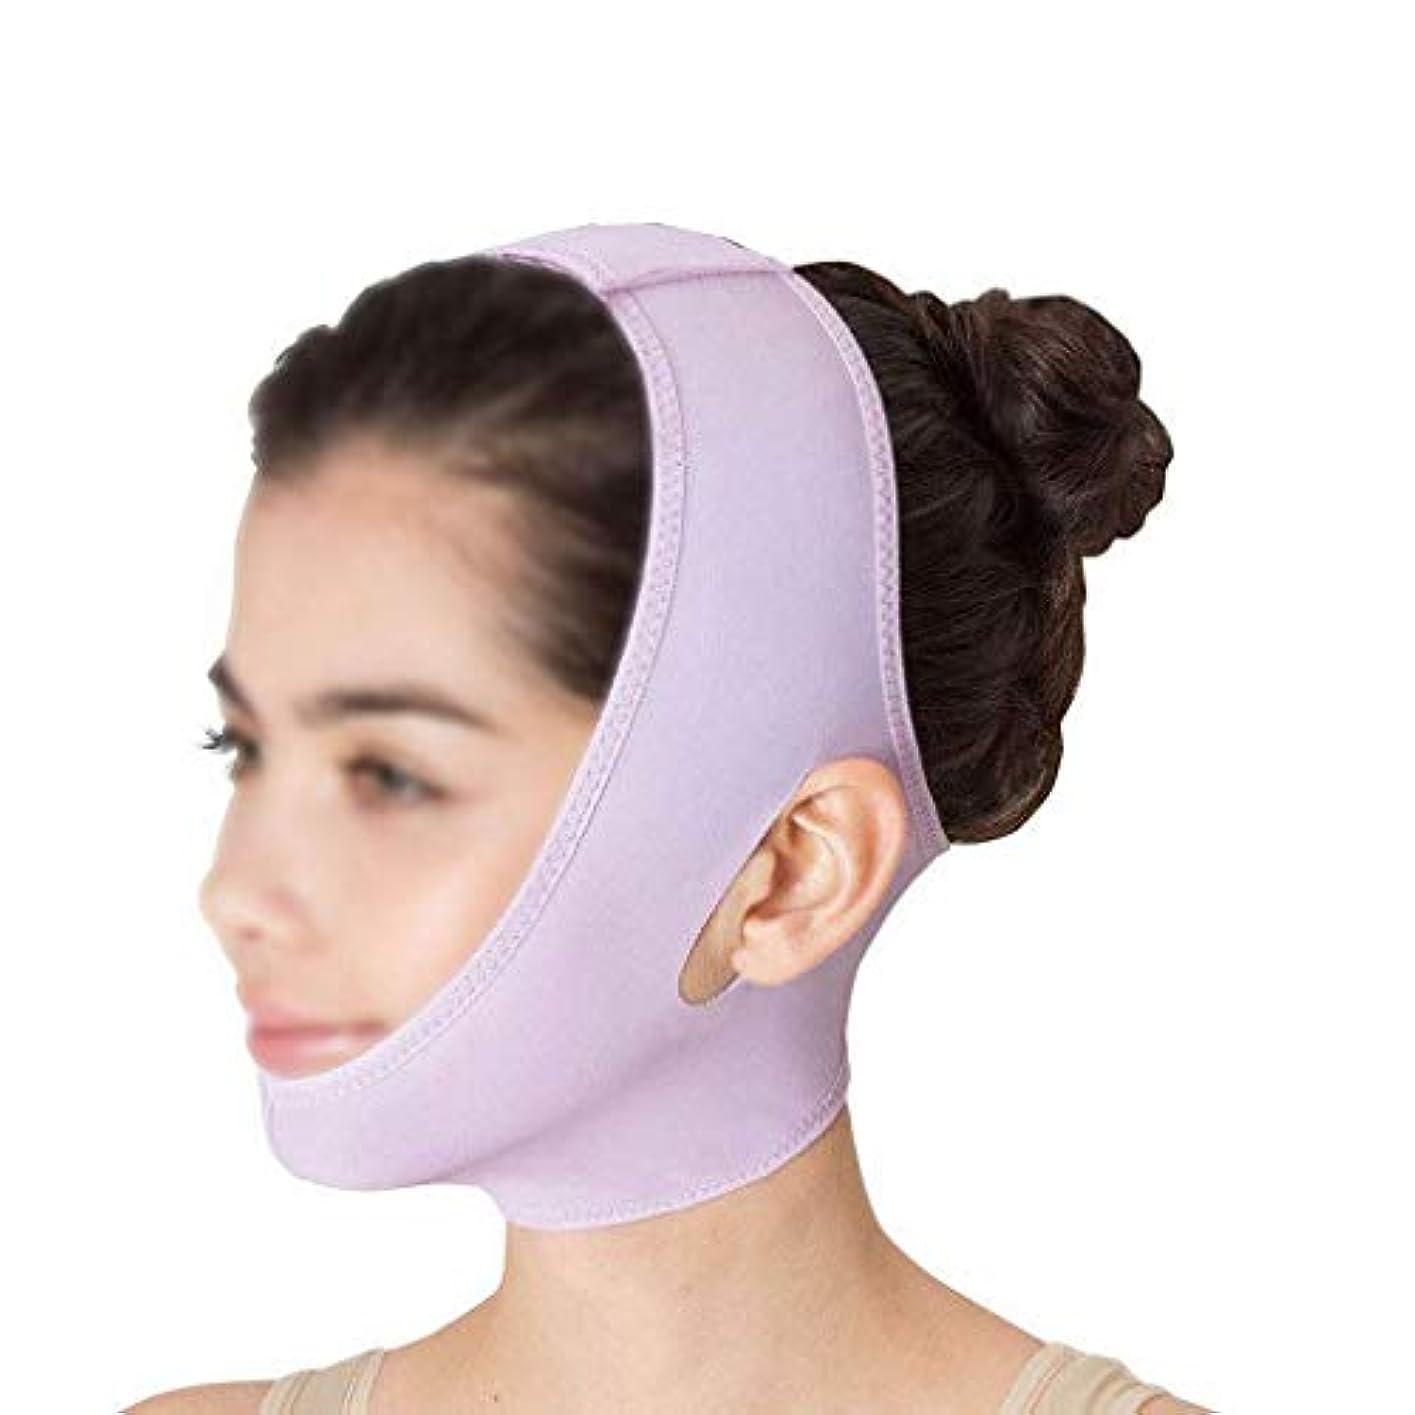 カメ欠伸弱点薄いフェイスマスク ビームフェイス、薄いダブルチンでスリーピングマスクの下の頬を防ぎ、小さなVフェイスを作成